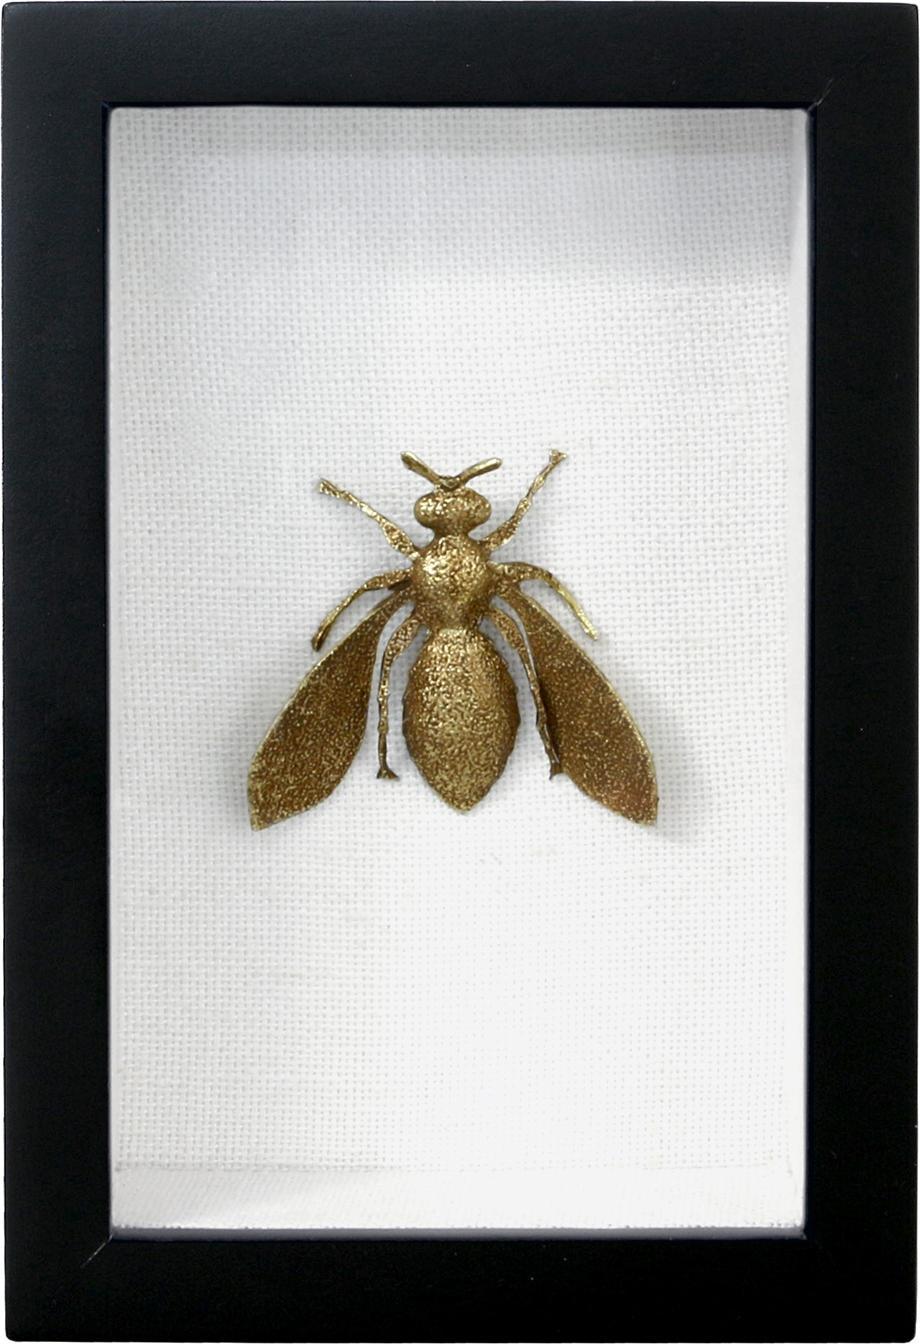 Kunstrahmen Biene 3D - Messing - HK Living kaufen? - Lilianshouse.de ...